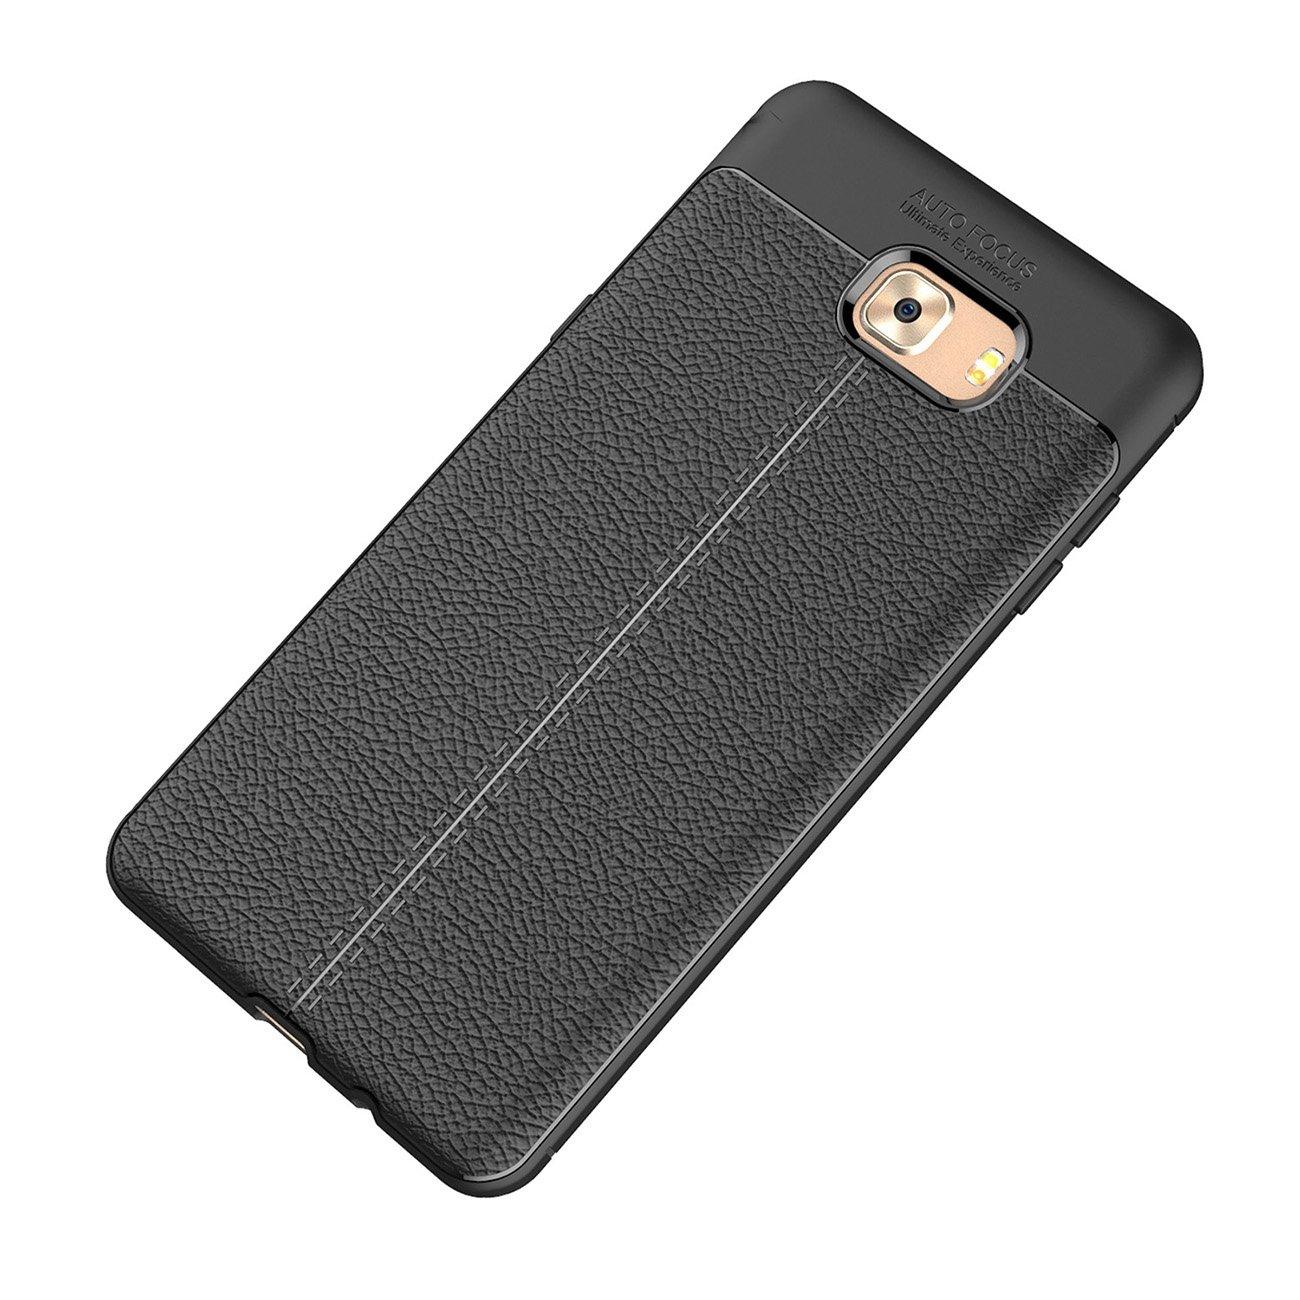 Samsung Galaxy C9 Pro Funda, Ultra Ligero Case Amortiguación Rugged Silicona Ultra Delgado Cubierta Protectora Fibra Carbono Caso Para Samsung Galaxy C9 Pro case - Negro: Amazon.es: Hogar